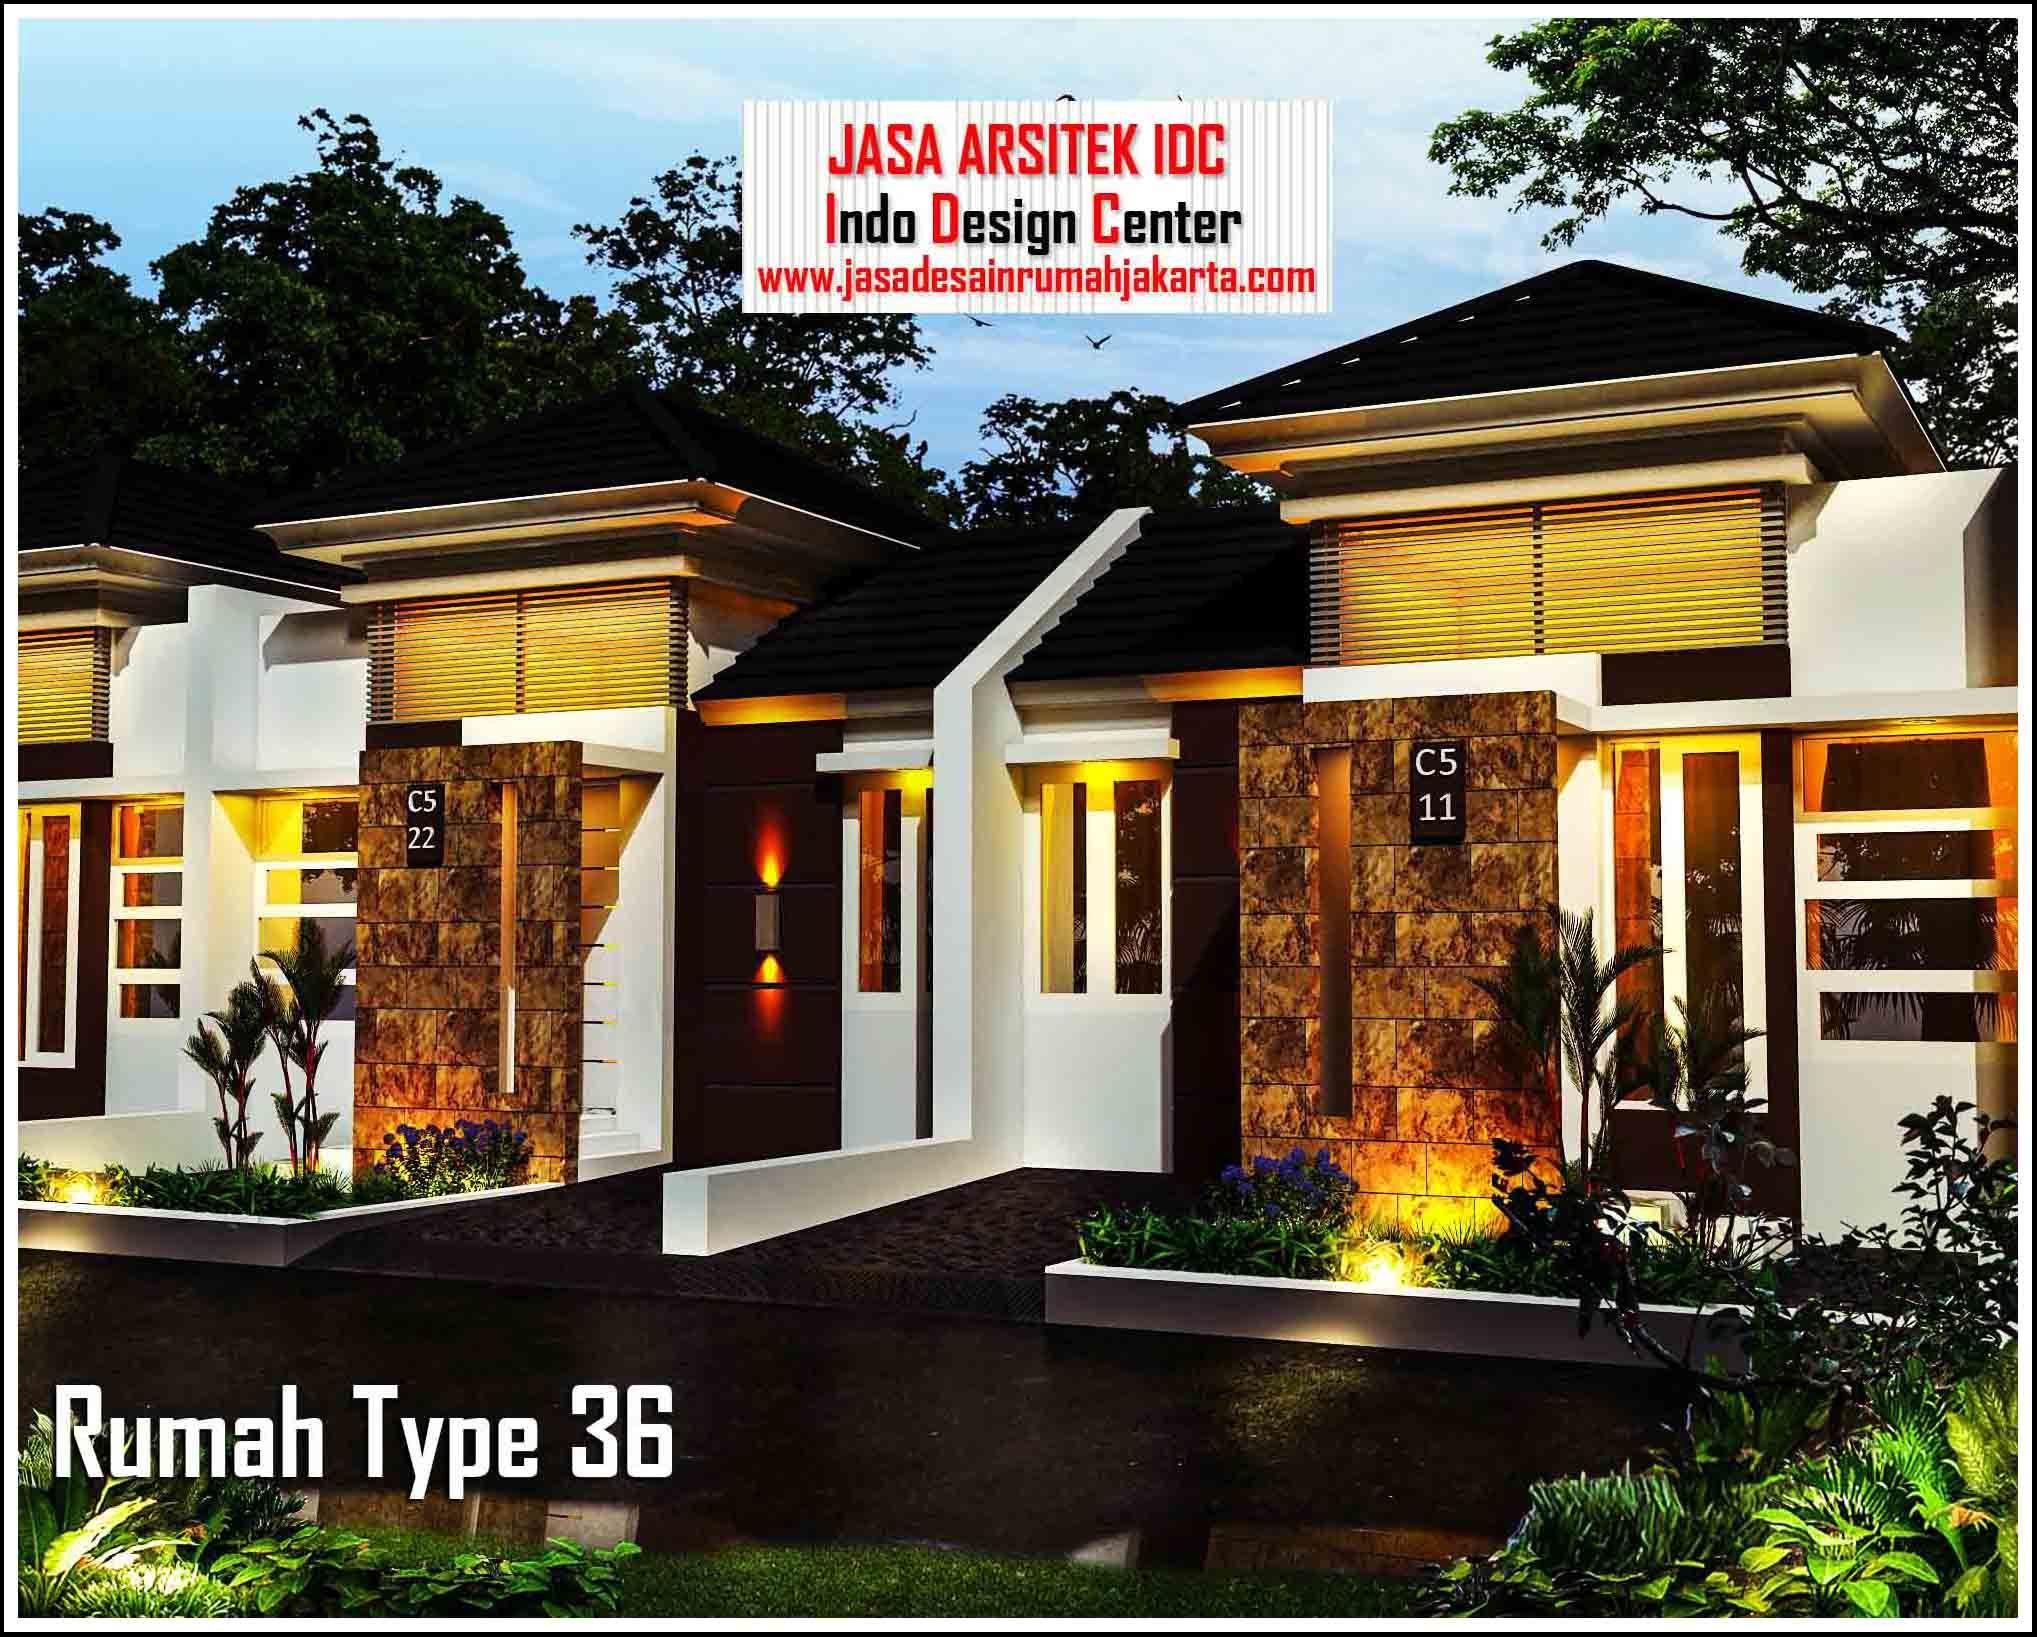 Gambar Rumah Type 36 Minimalis ( Part 2 of 3) denah rumah ...